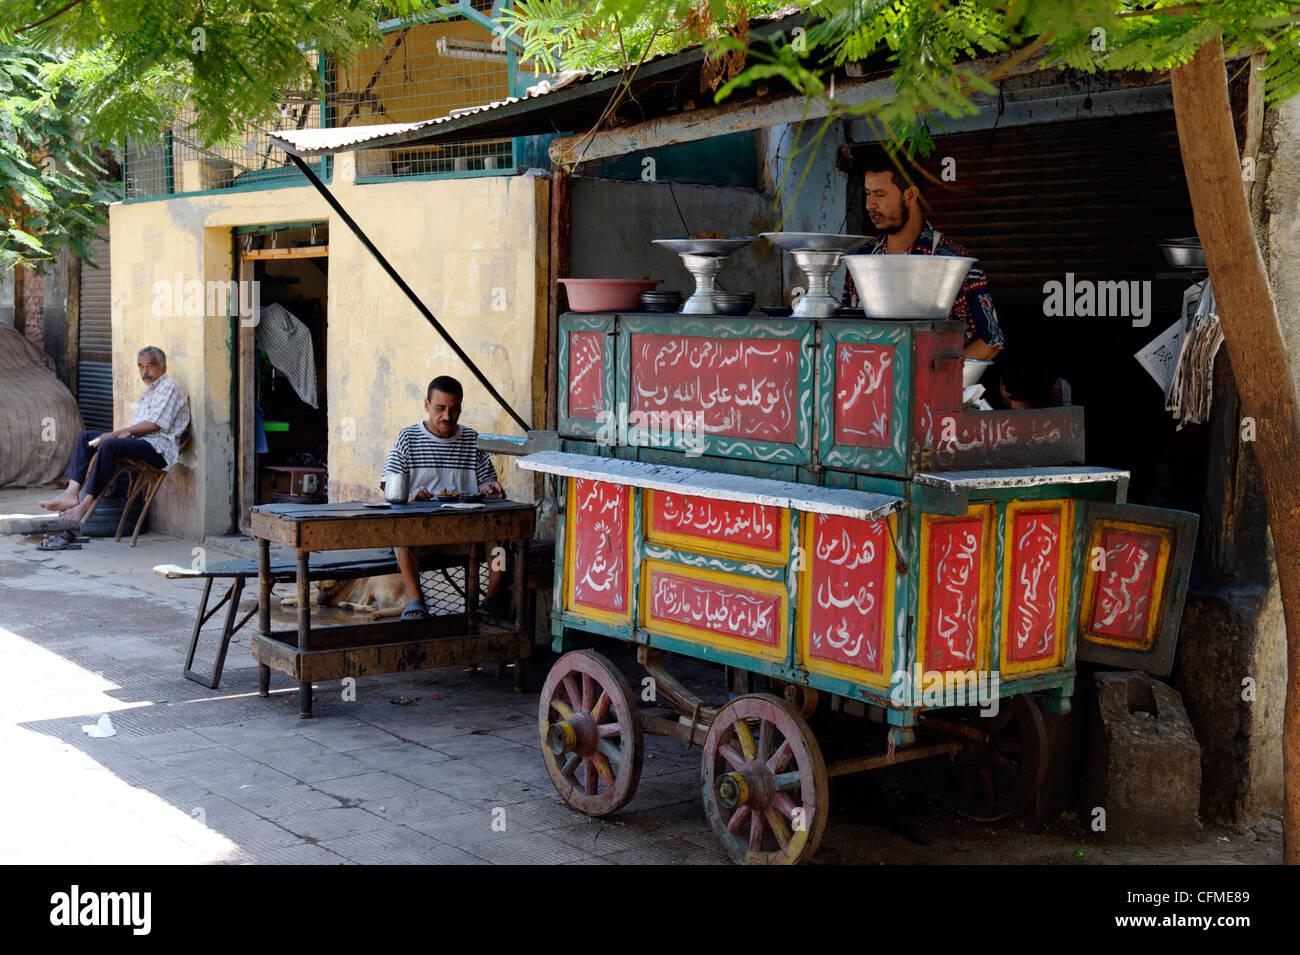 Kairo gypten blick auf mobile k che essen wagen kochen for Kuche aufmobeln